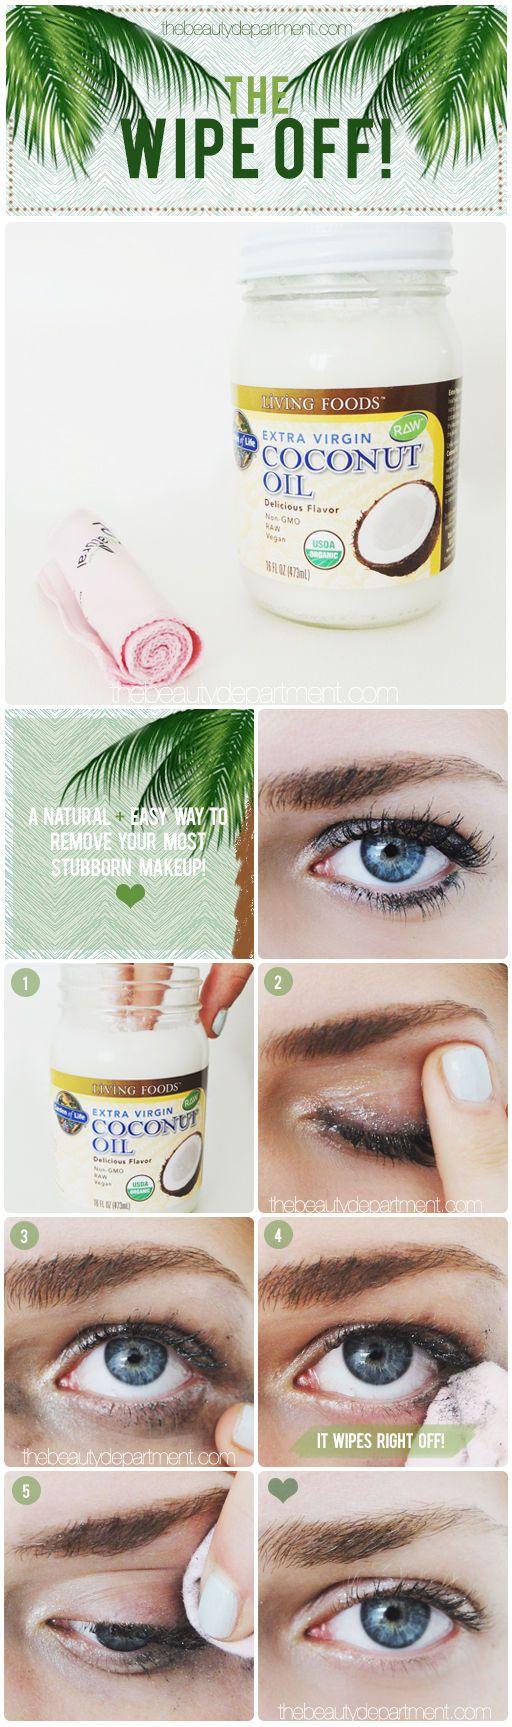 Diese unglaublichen Schönheitstipps musst du unbedingt ausprobieren - DIY wasserfestes Make-up Entferner - Kokosnussöl